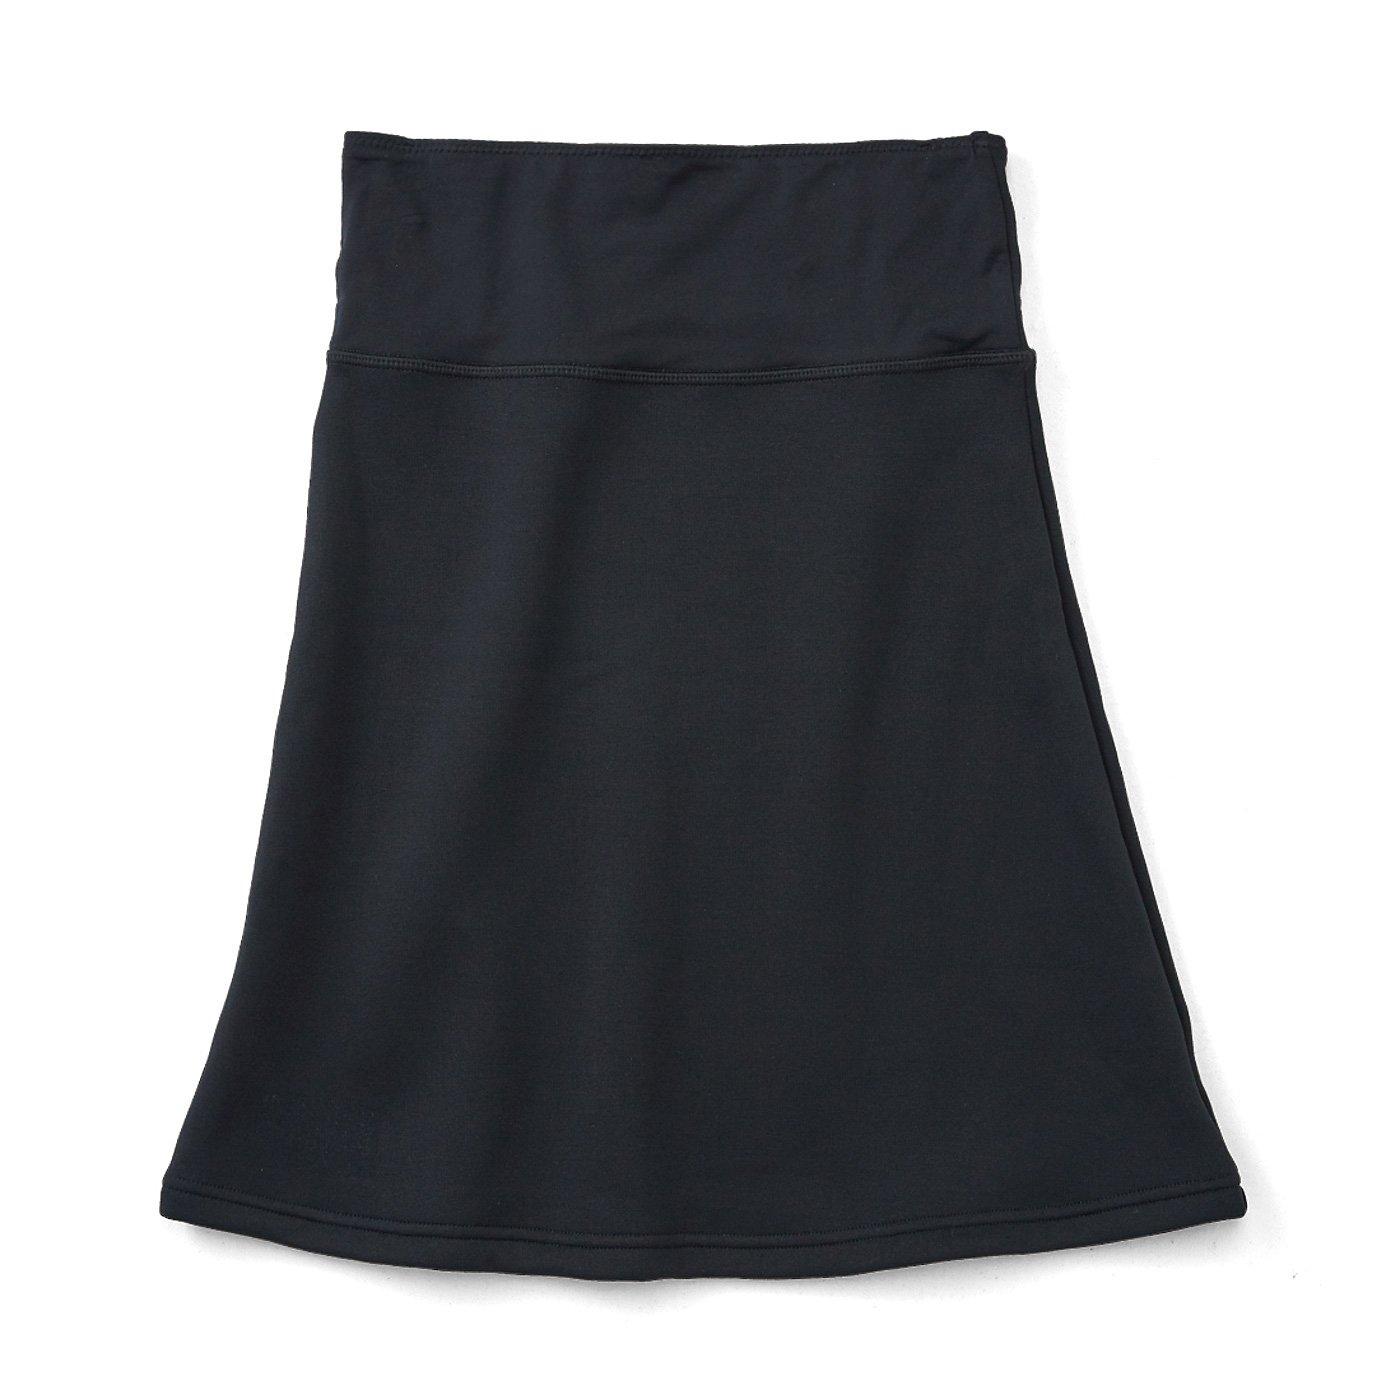 裏ボアに包まれるしあわせ ぬくぬくペチスカート〈ブラック〉の会